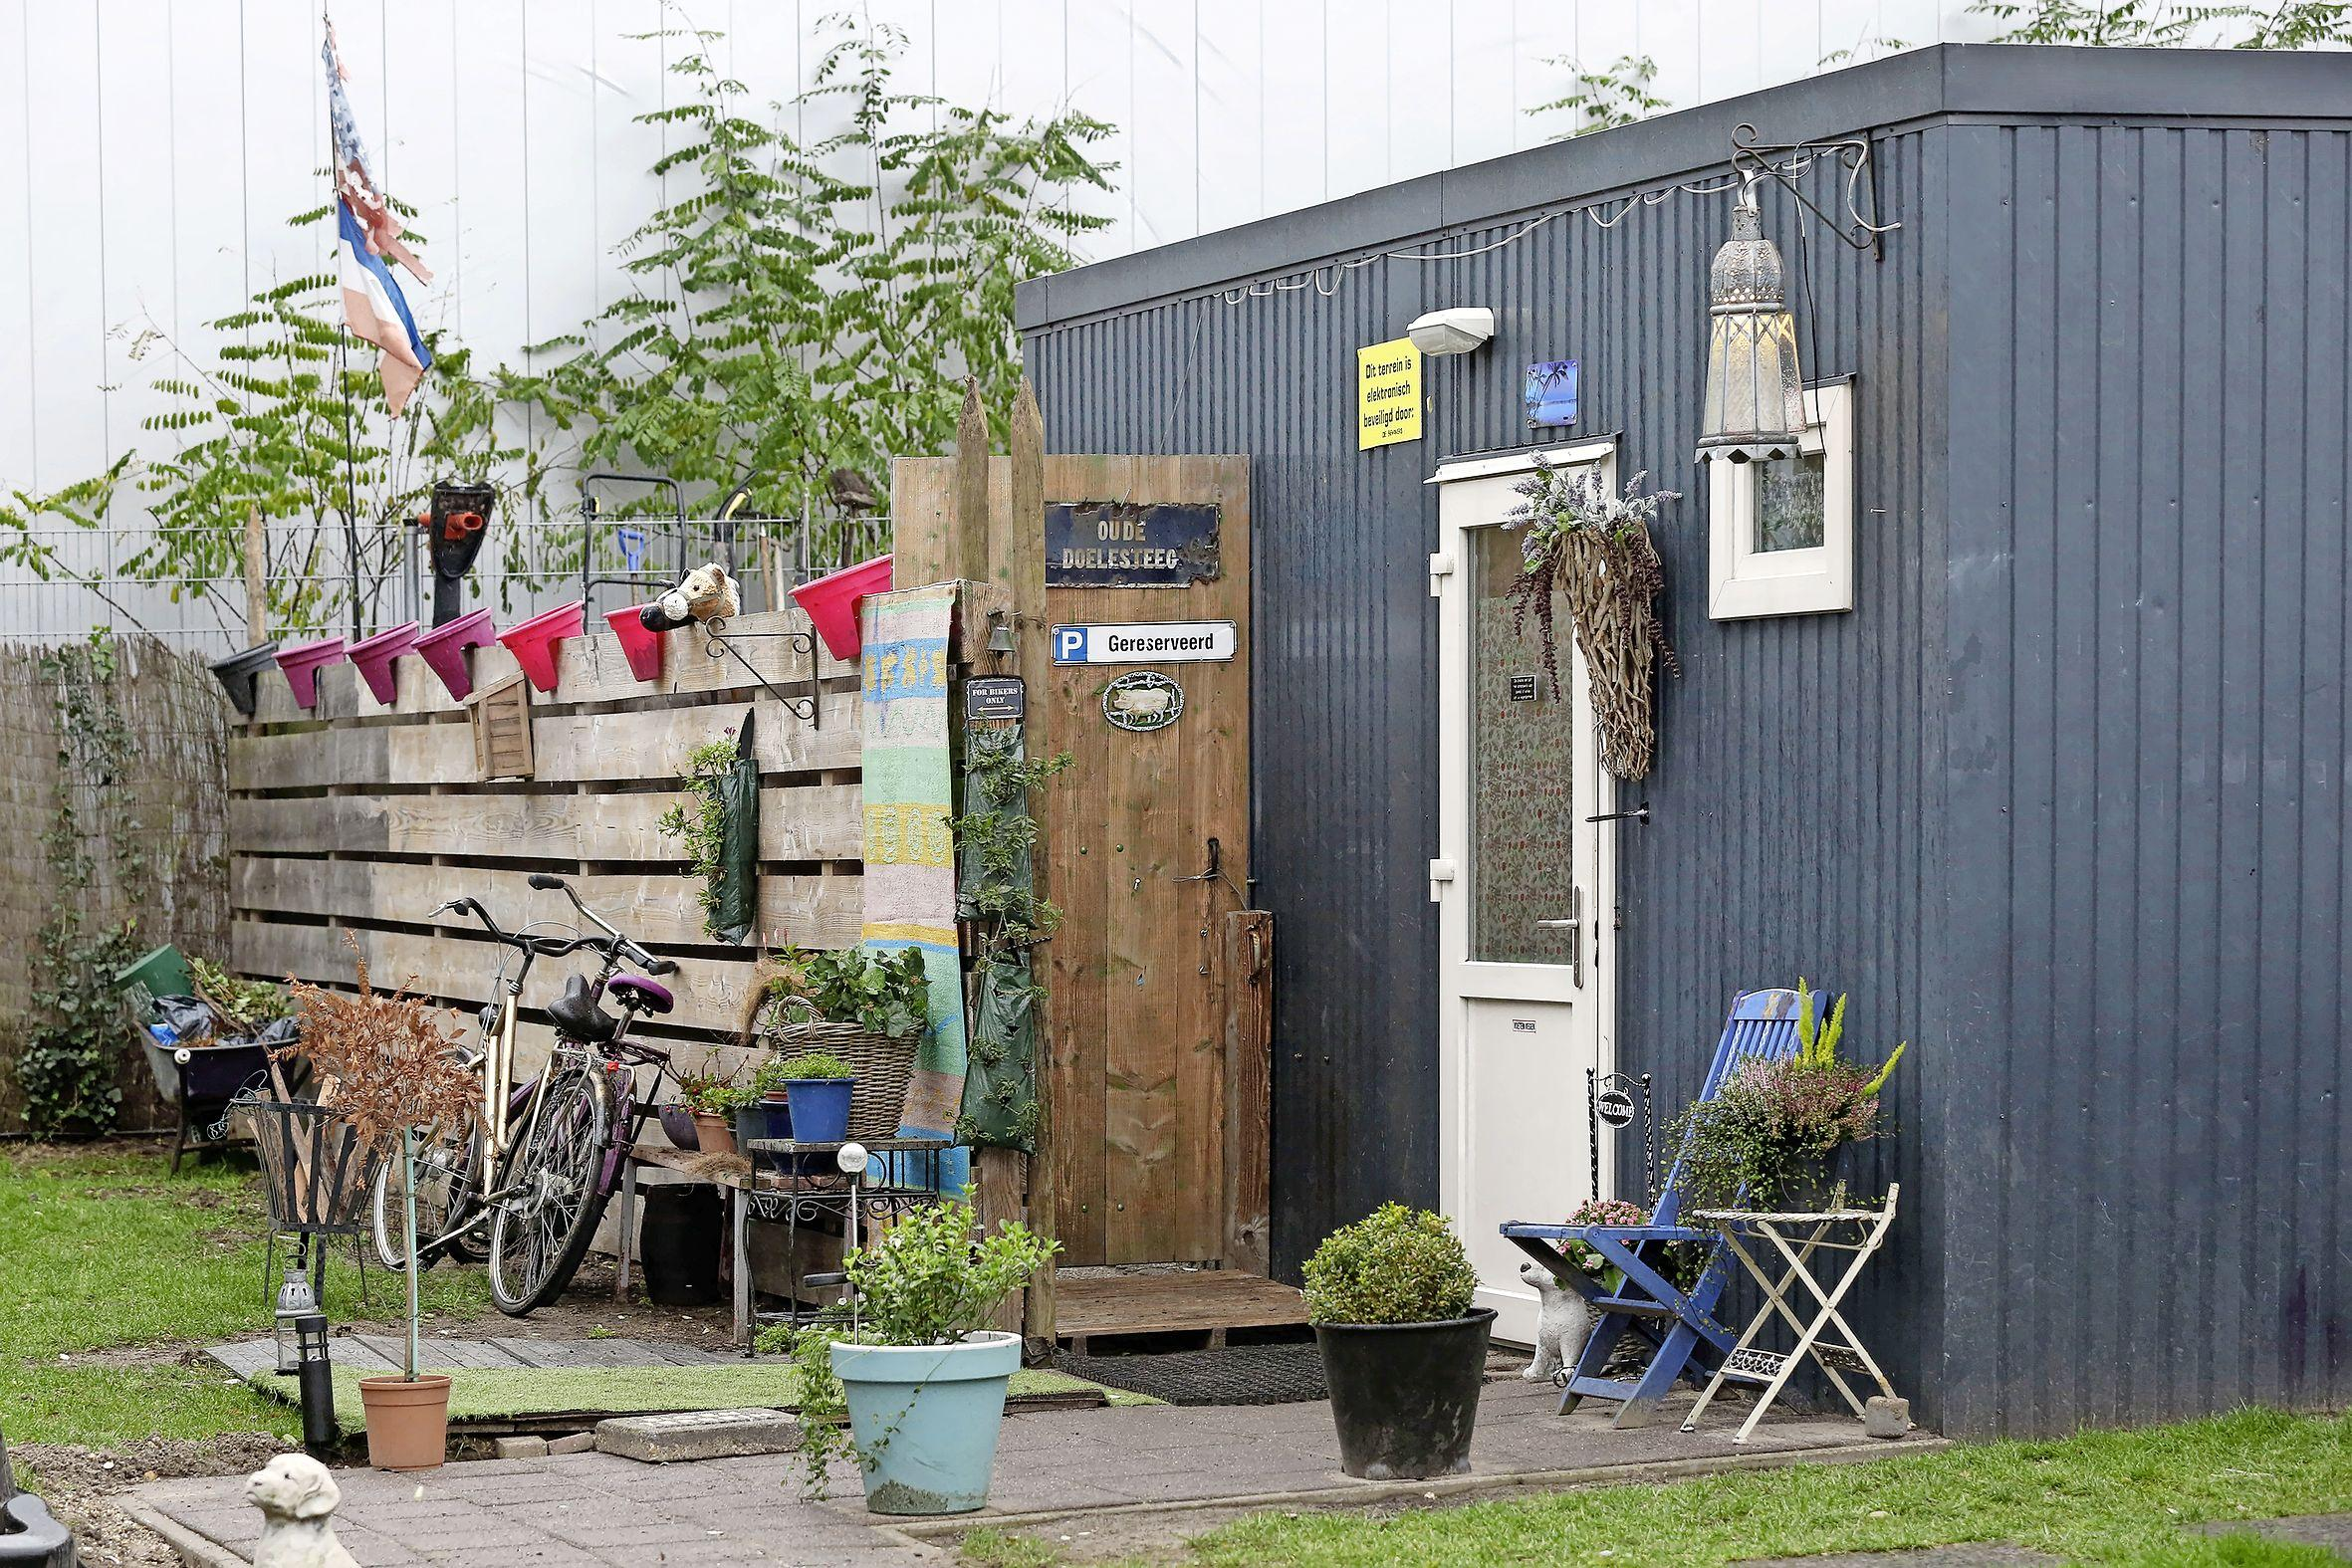 Containerwijkje voor lastige daklozen blijft nog vijf jaar aan de Loosdrechtseweg in Hilversum. 'Maatschappelijk gevoelige voorziening is daar goed op zijn plek'